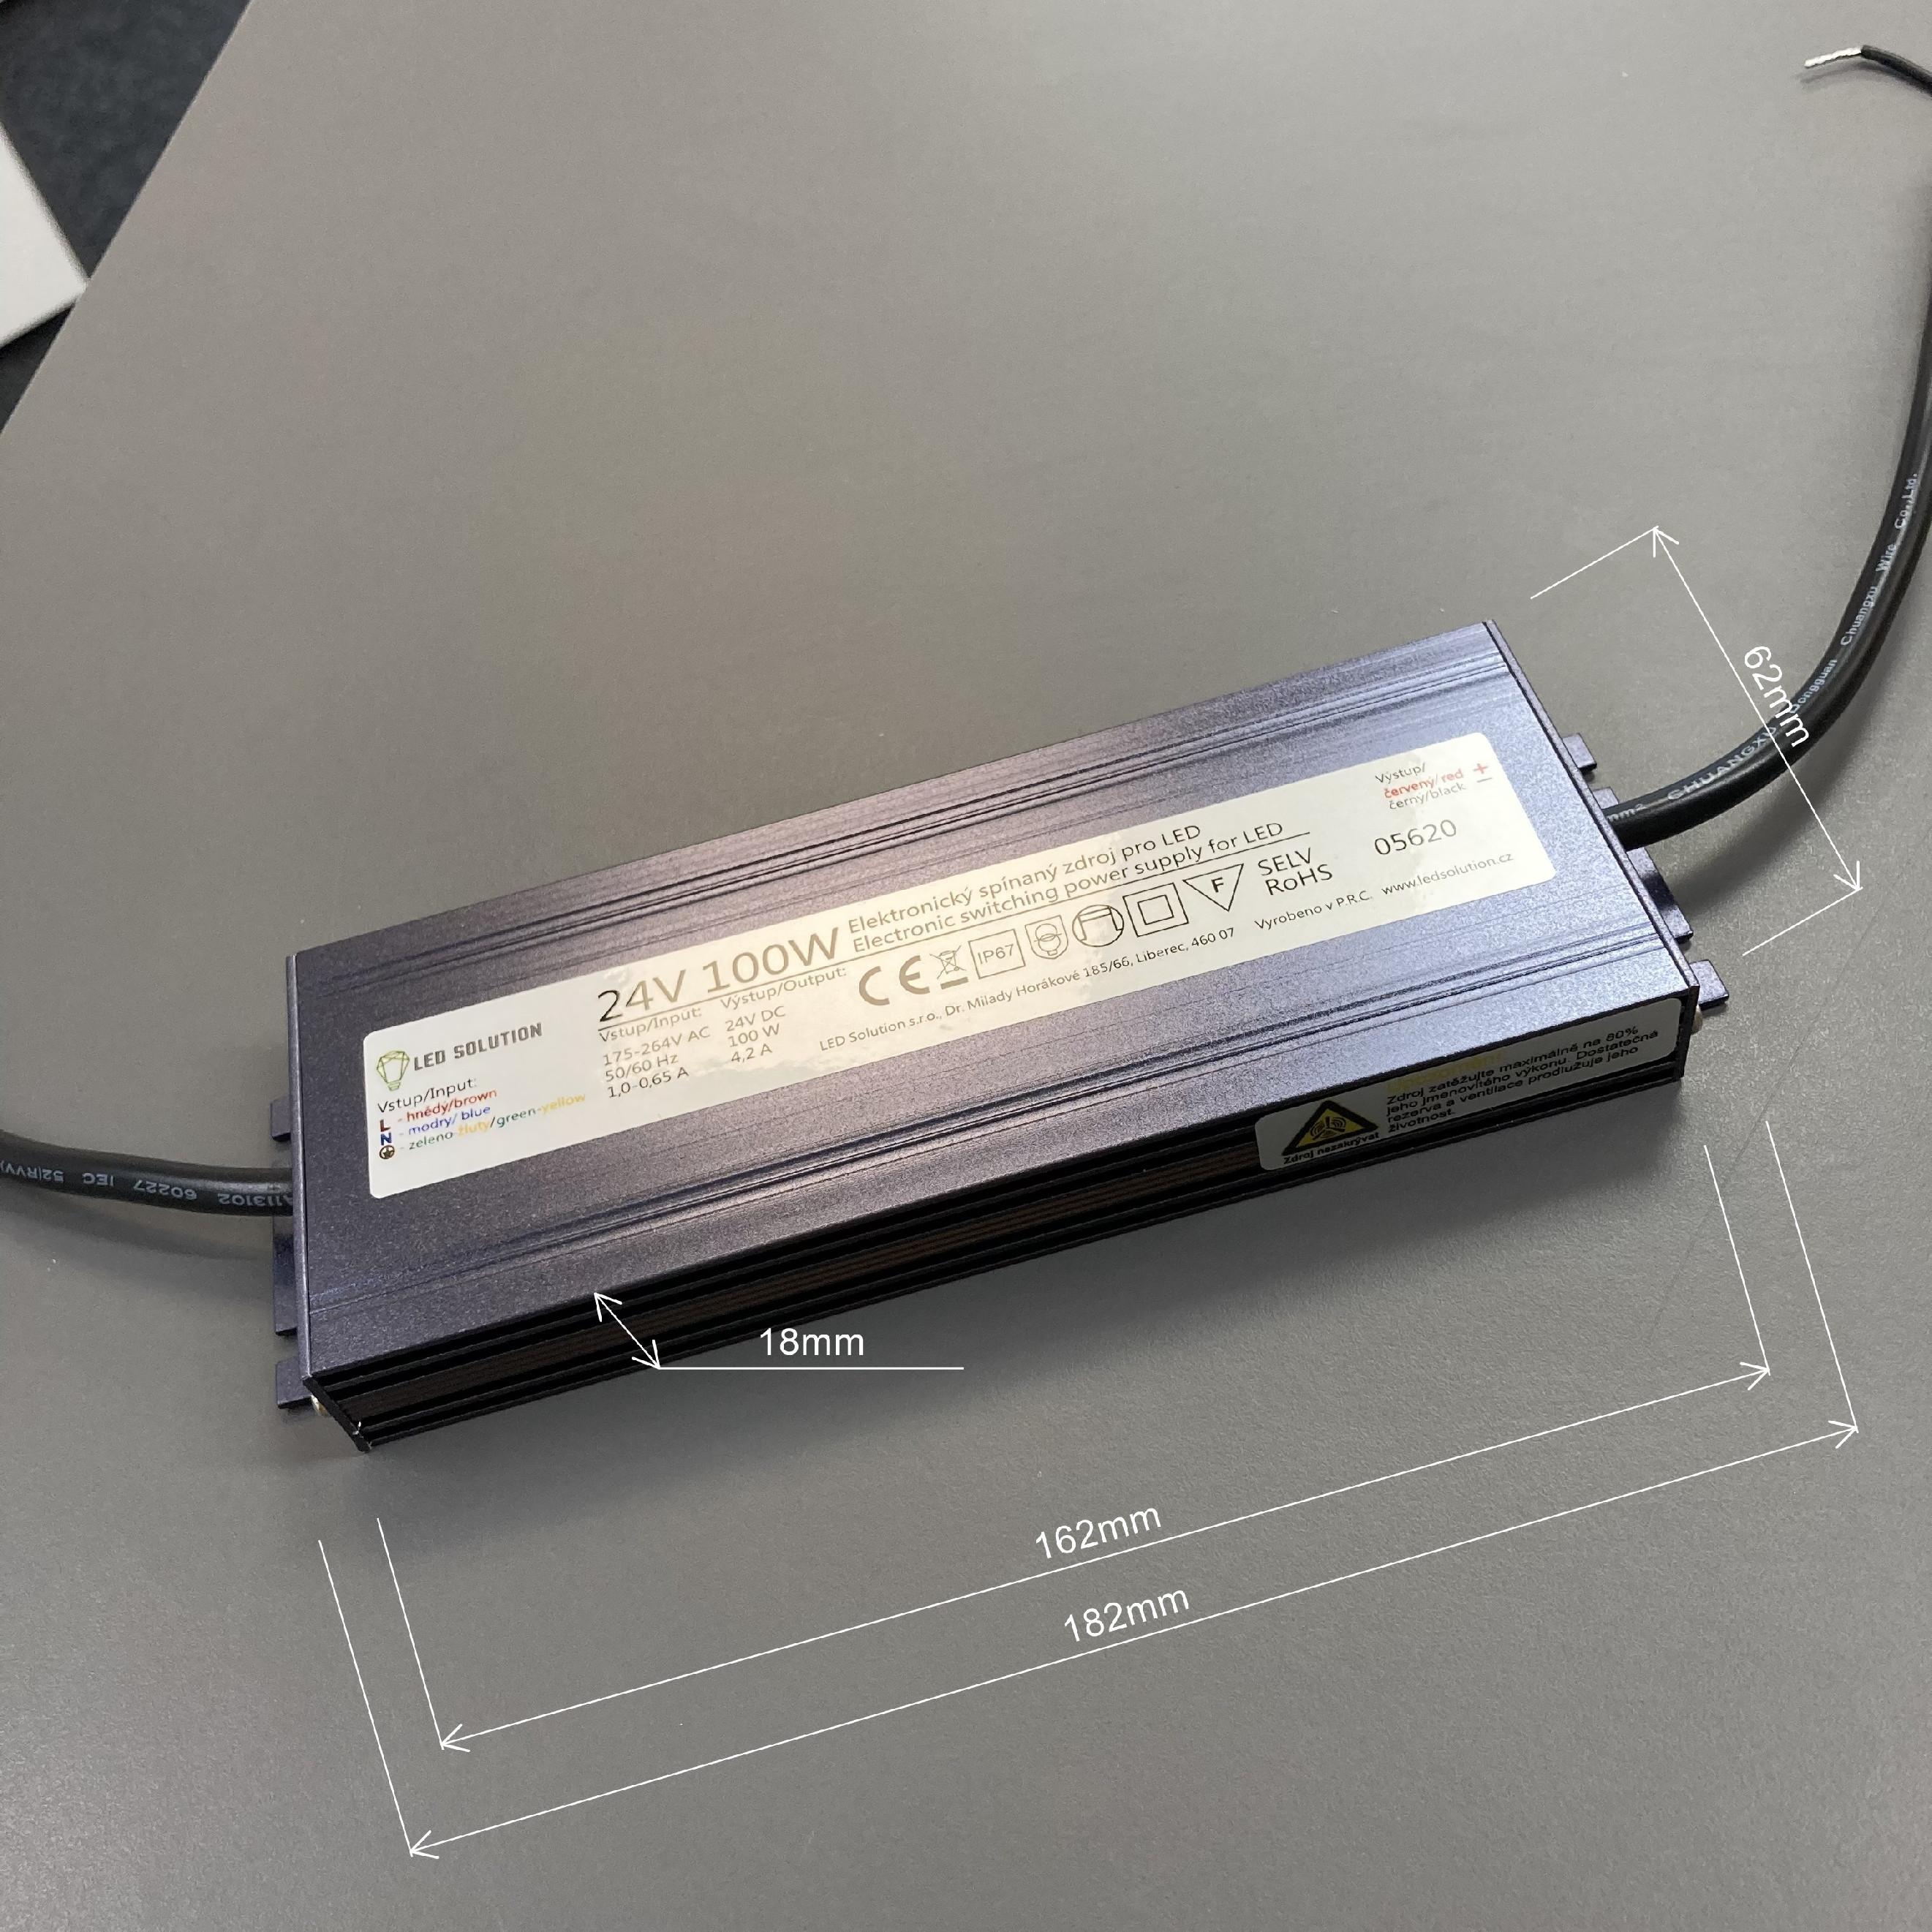 T-LED LED zdroj (trafo) 24V 100W IP67 SLIM 05620